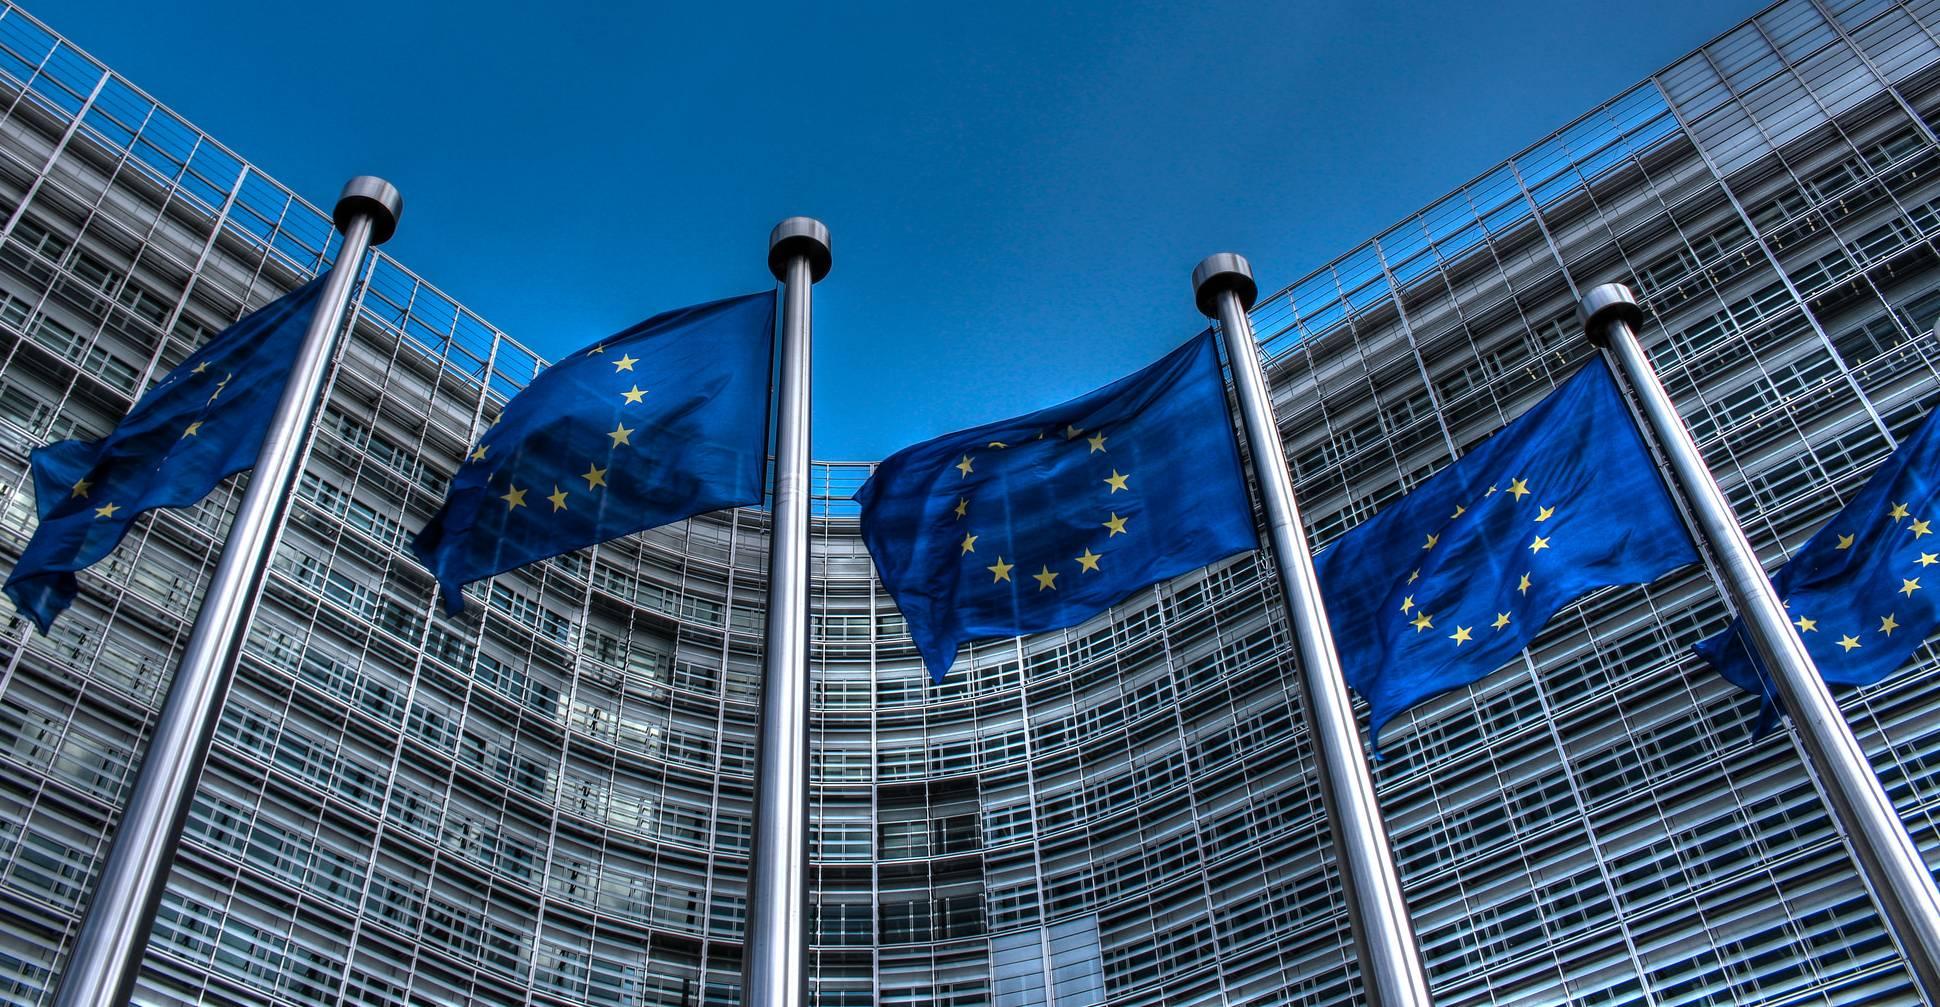 Le nouveau texte européen accorde aux personnes physiques une douzaine de droits relatifs à leurs données personnelles, contre trois dans l'actuelle loi française «Informatique et libertés» (Thijs ter Haar / Flickr)